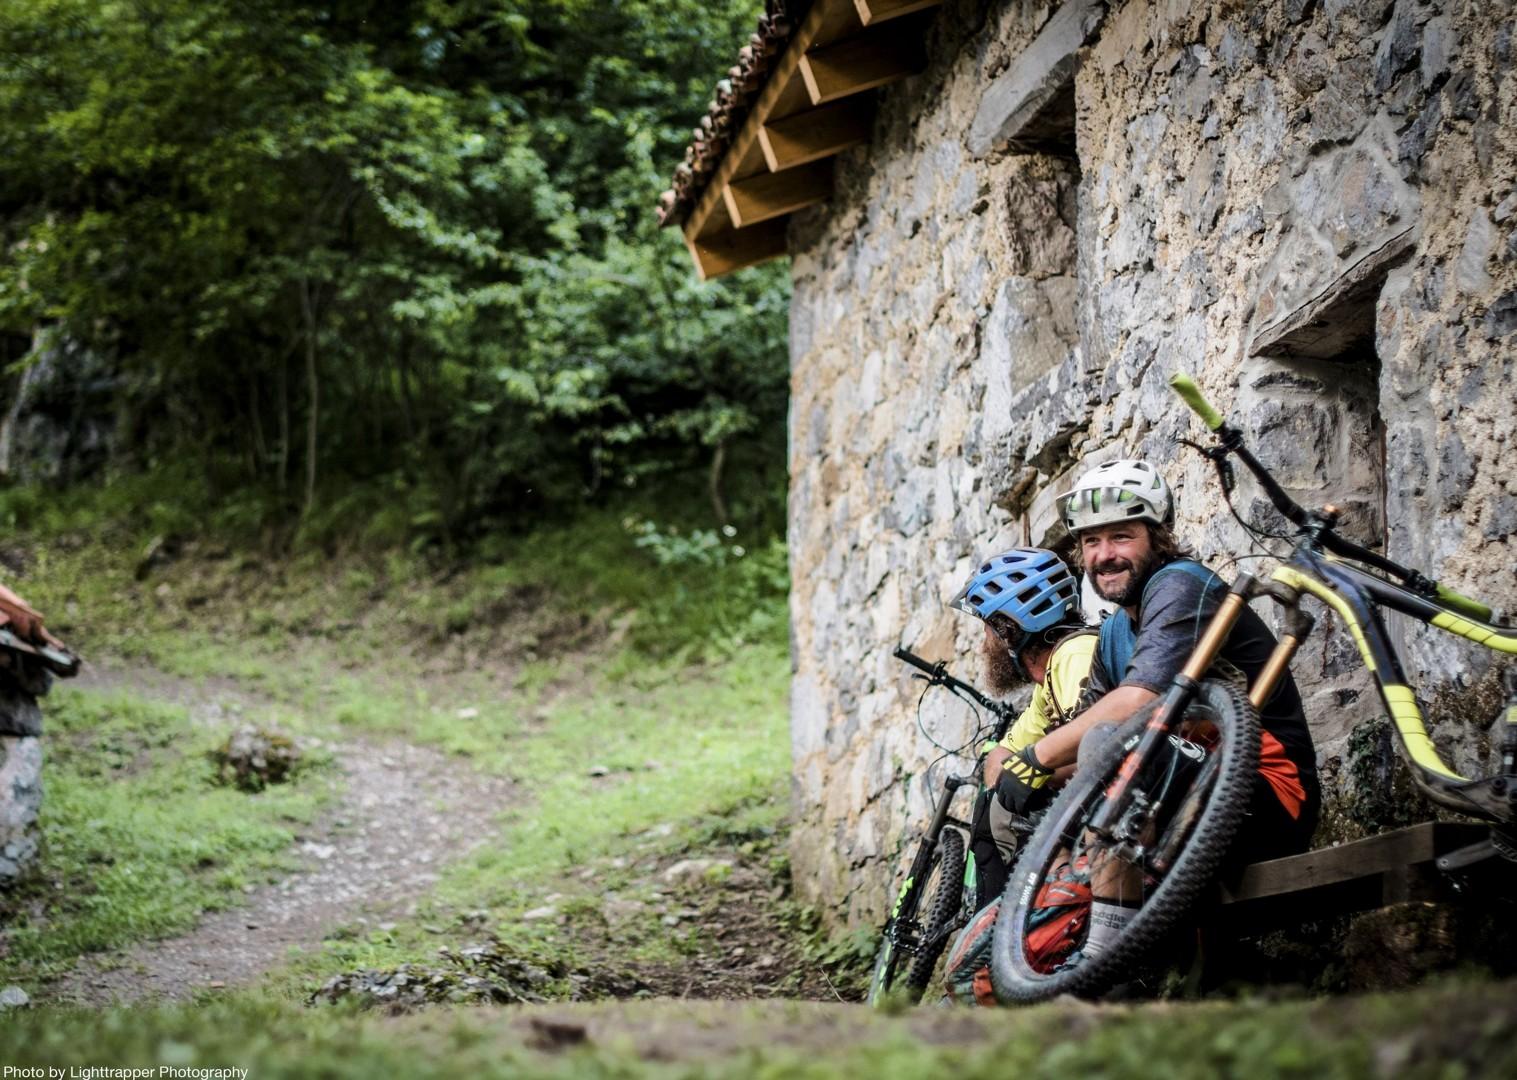 relaxing-blissful-local-culture-mountain-biking-northern-spain-picos-de-europa.jpg- - Spain - Picos de Europa - Trans Picos - Guided Mountain Bike Holiday - Mountain Biking